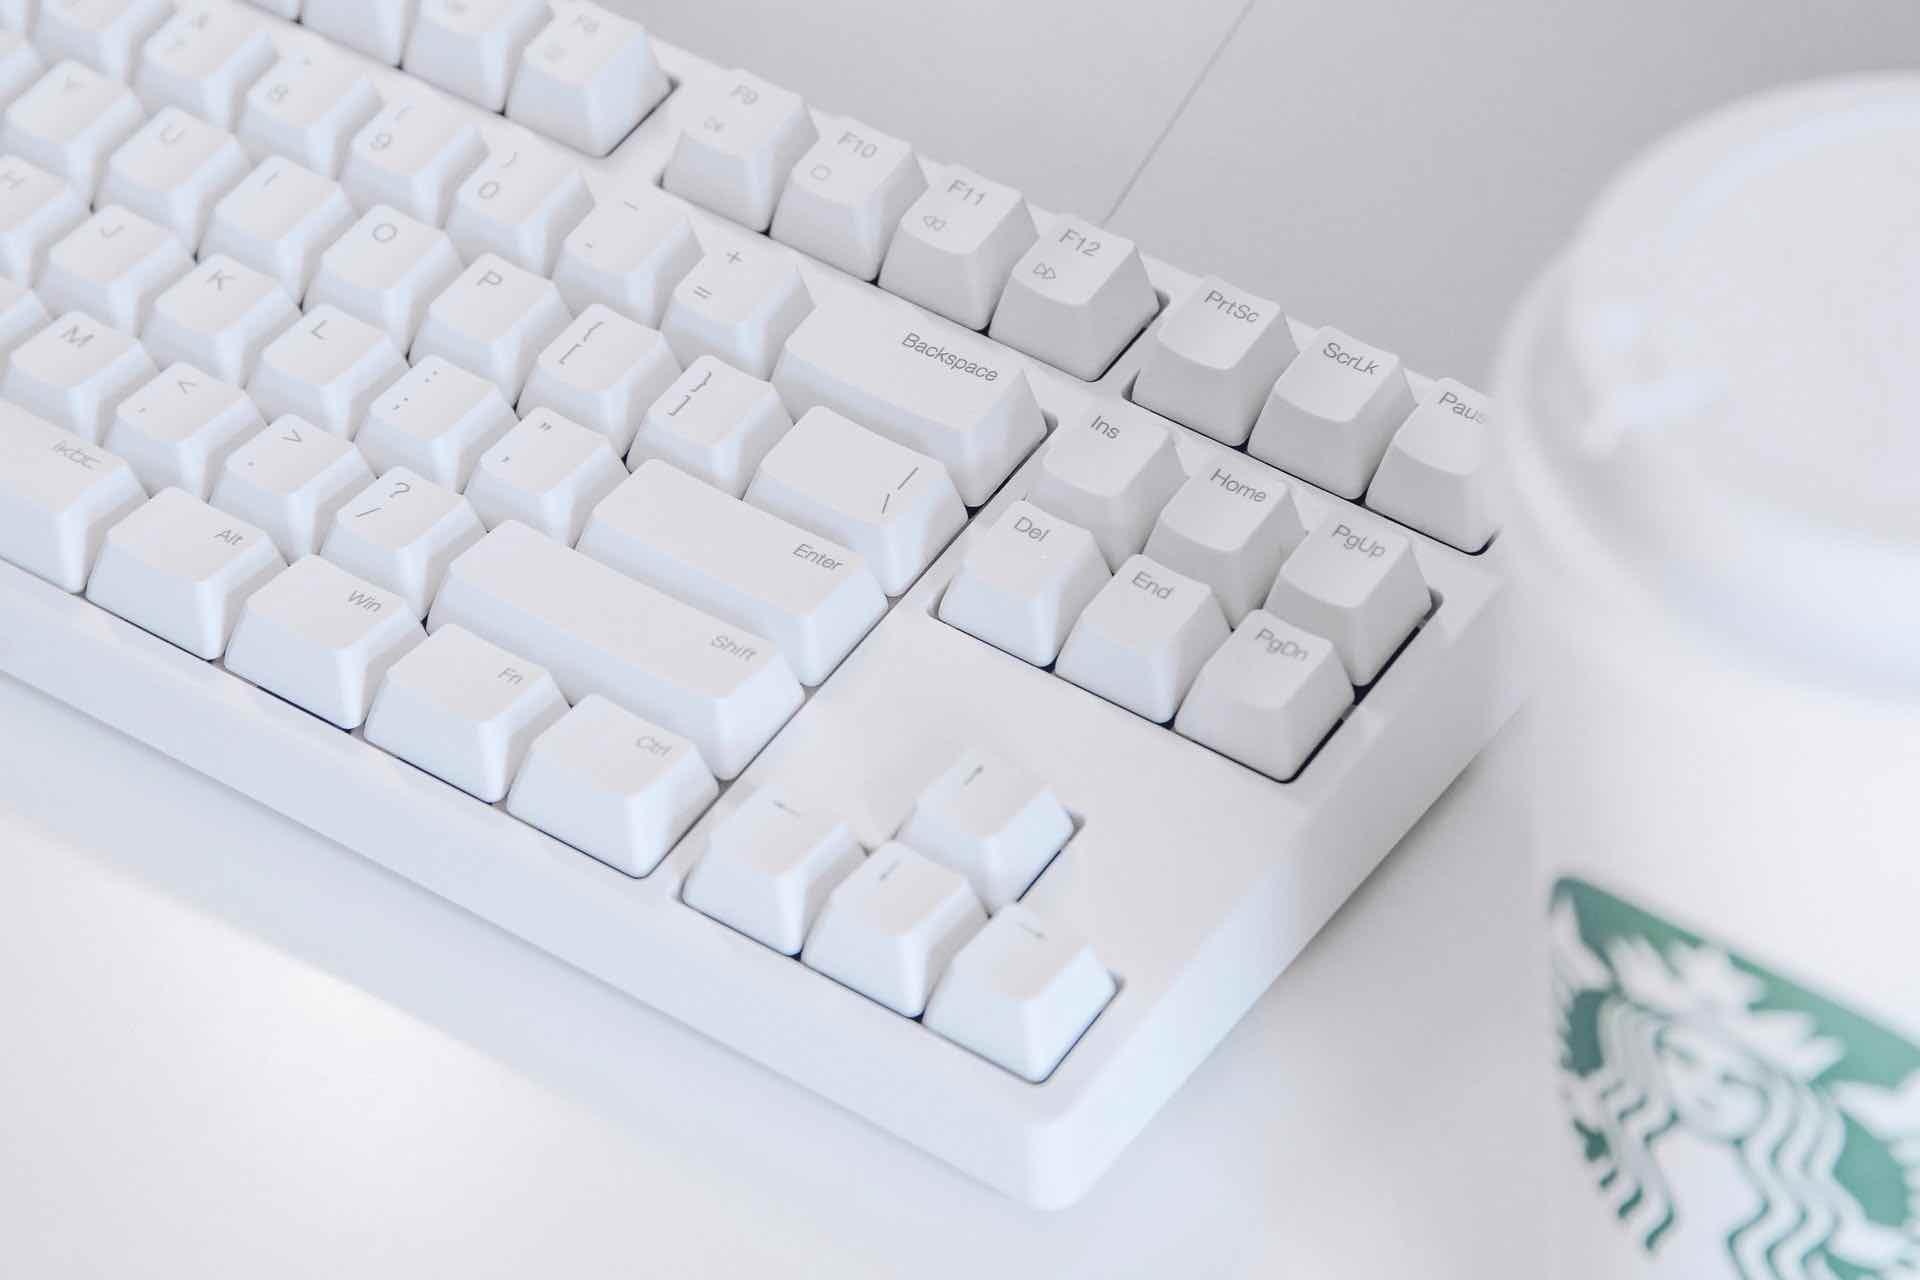 US配列のキーボード